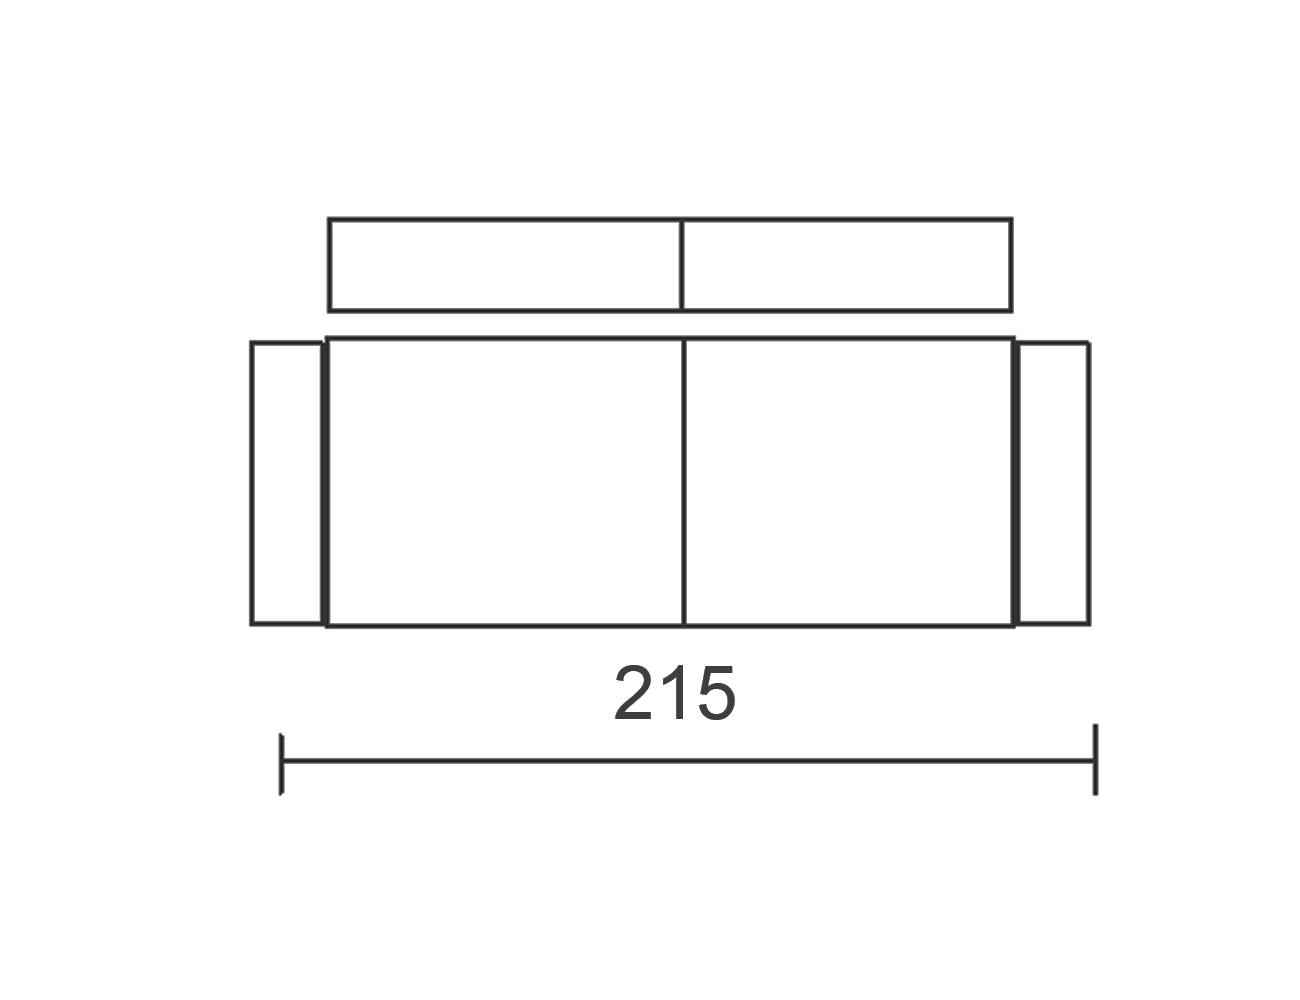 Modulo 2154